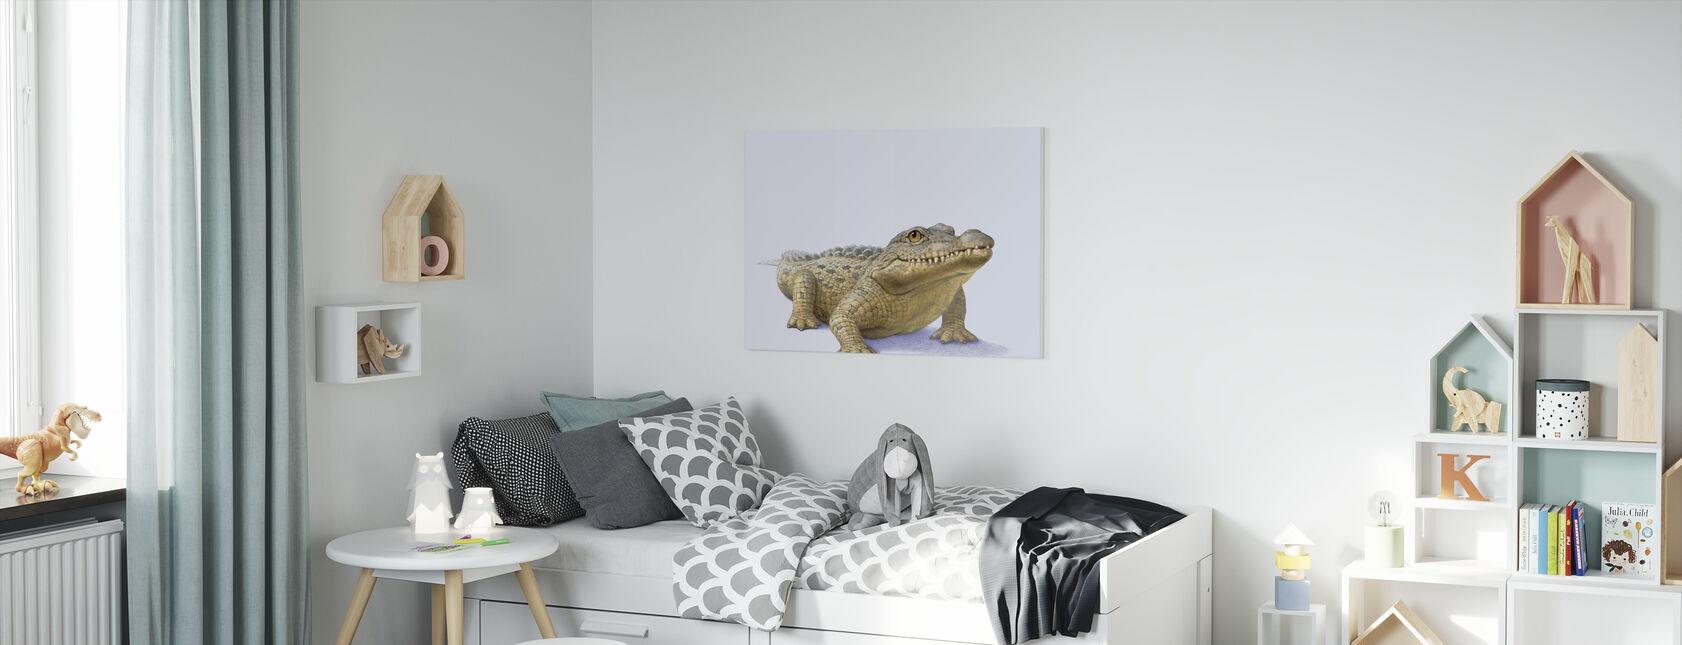 Krokotiilin etuosa - Canvastaulu - Lastenhuone